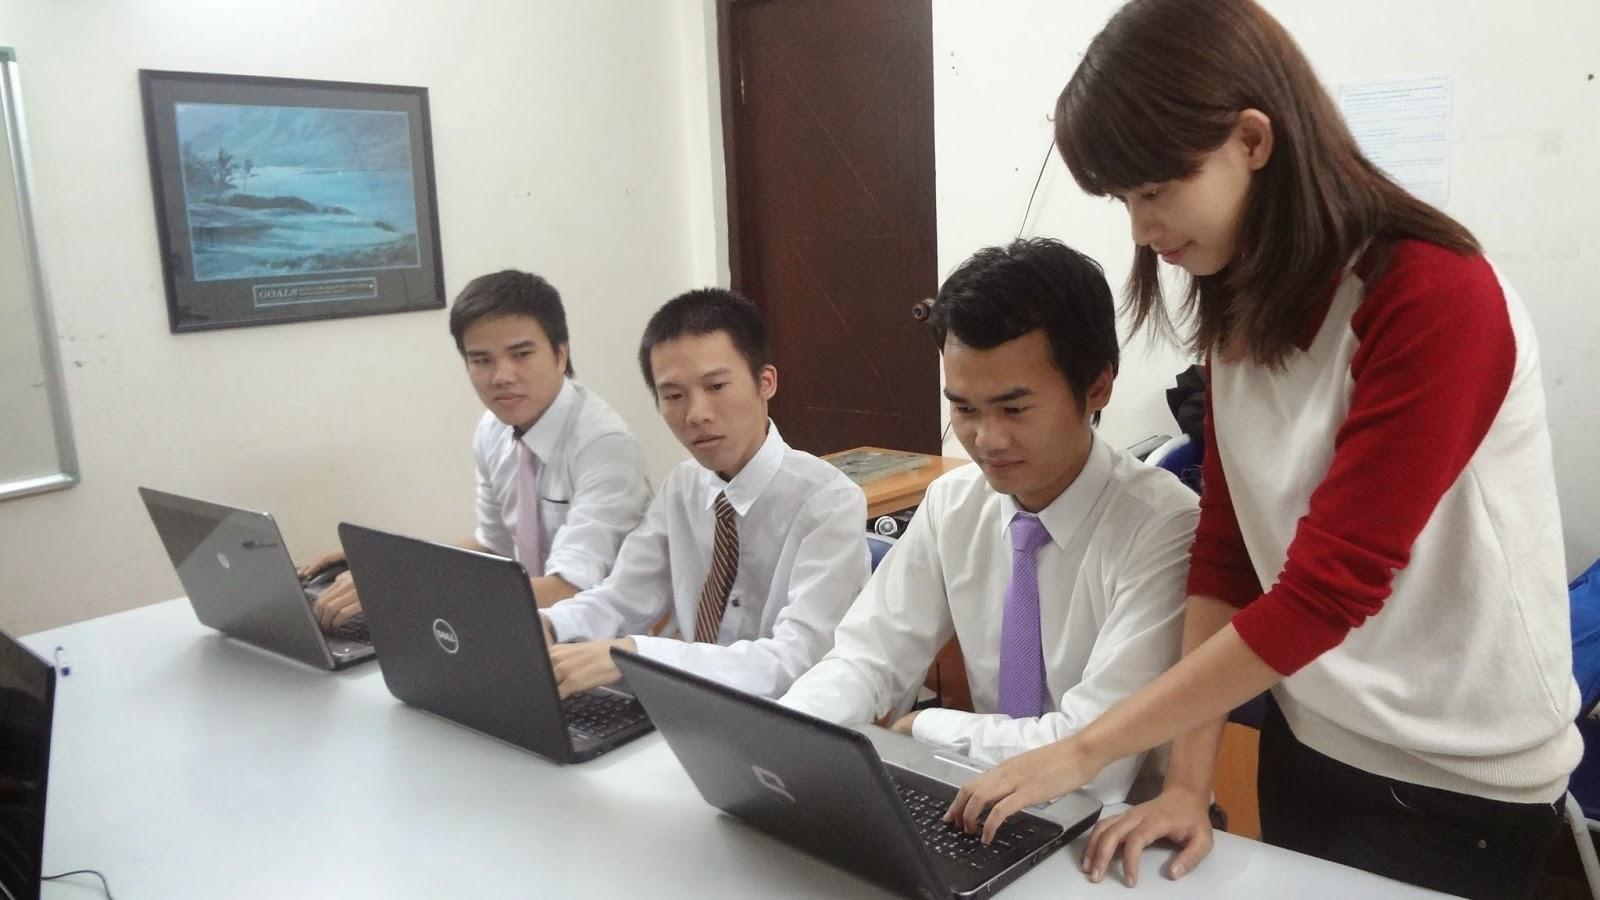 Học tin văn phòng cơ bản & nâng cao ở hà nội địa chỉ uy tín và được các phụ huynh tin tưởng